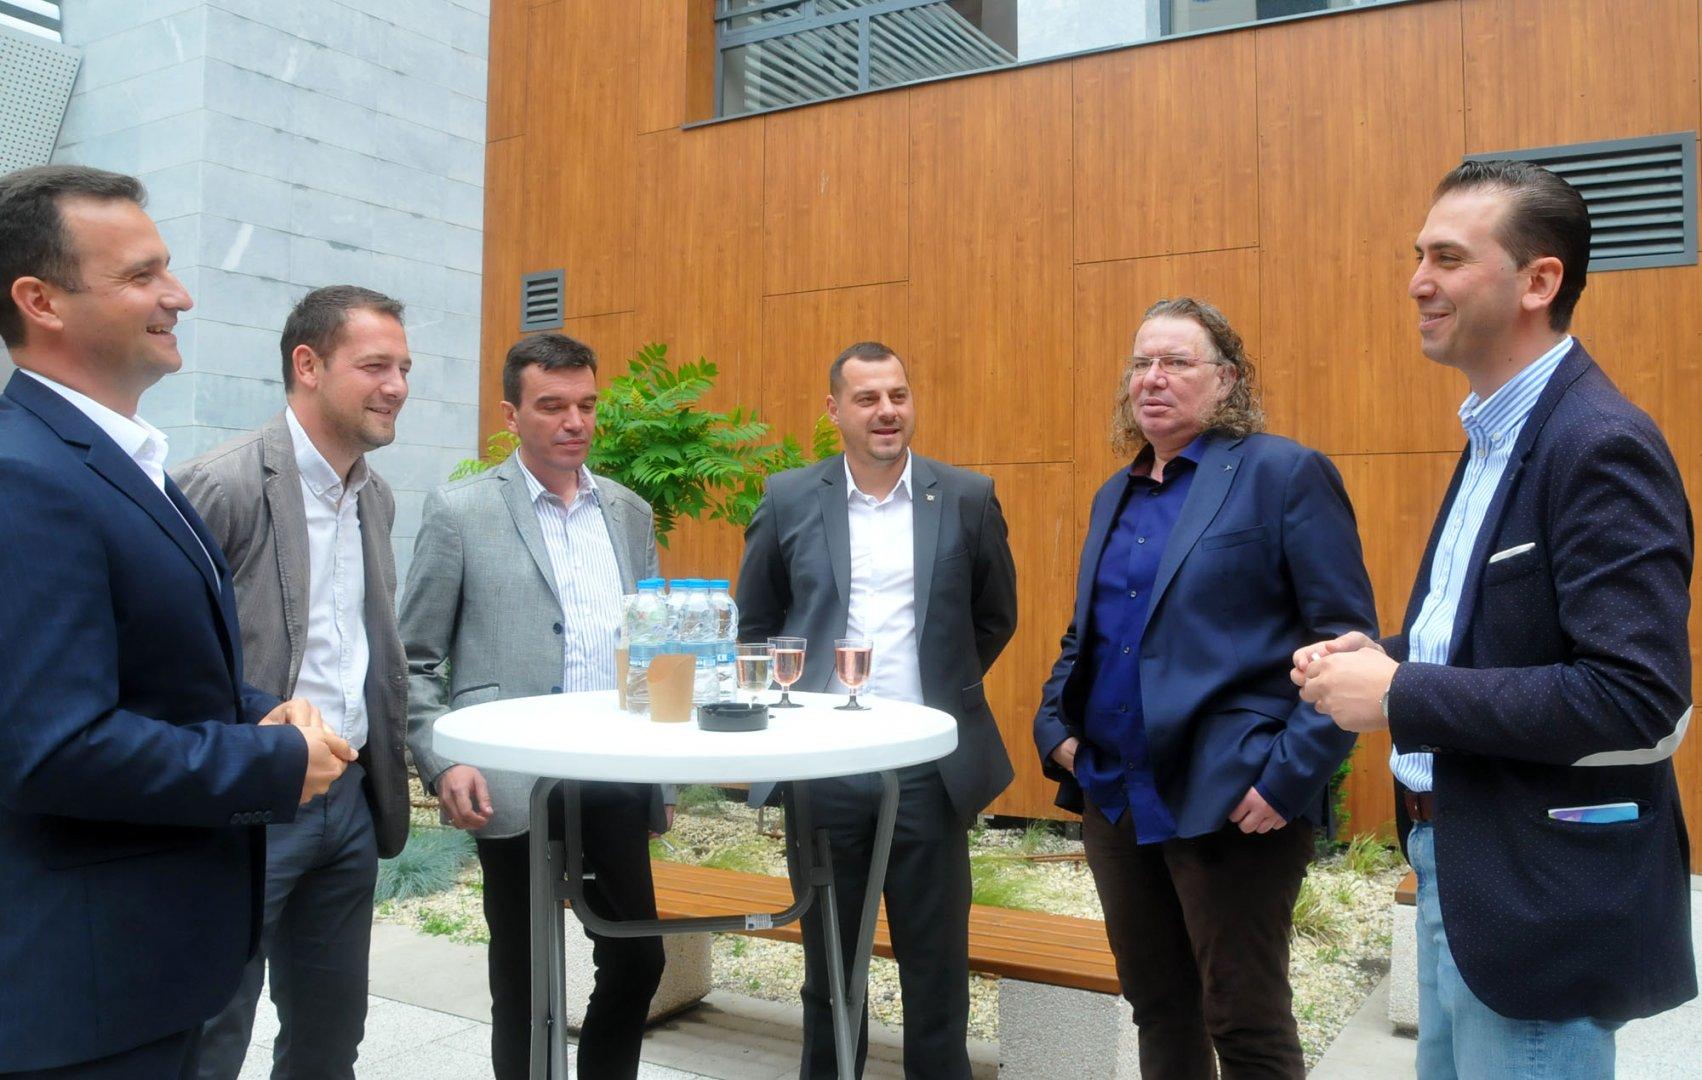 Жечо Станков (вляво), Димитър Петров (вторият отляво надясно) и Драгомир Стефанов (вдясно) са с добри лични преференции в листата на ГЕРБ - СДС. Снимки Архив Черноморие-бг